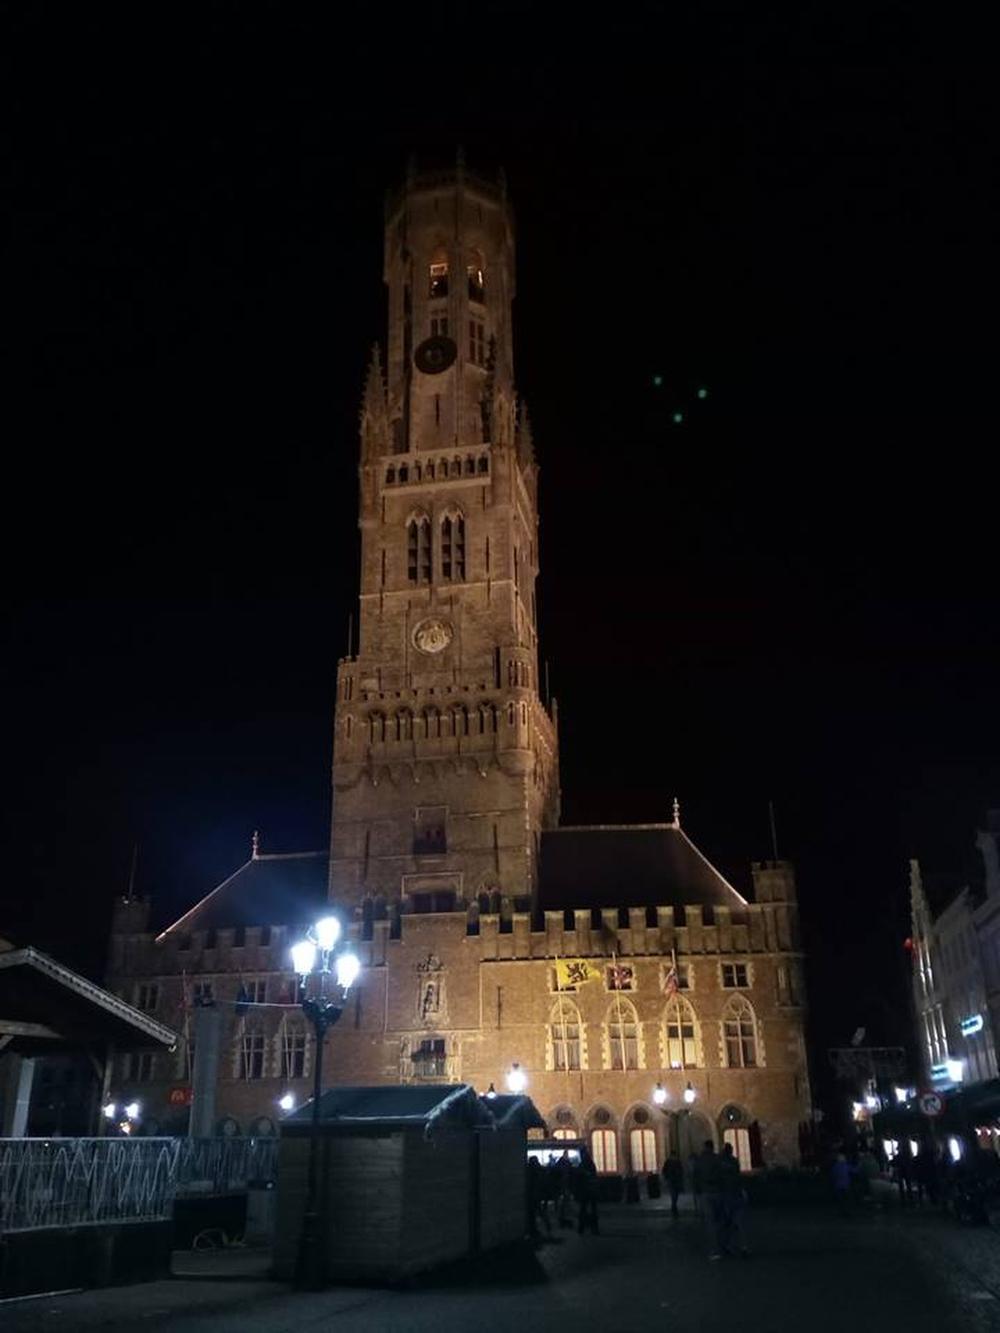 Mysterie opgelost: dan toch geen ufo gespot in Brugge